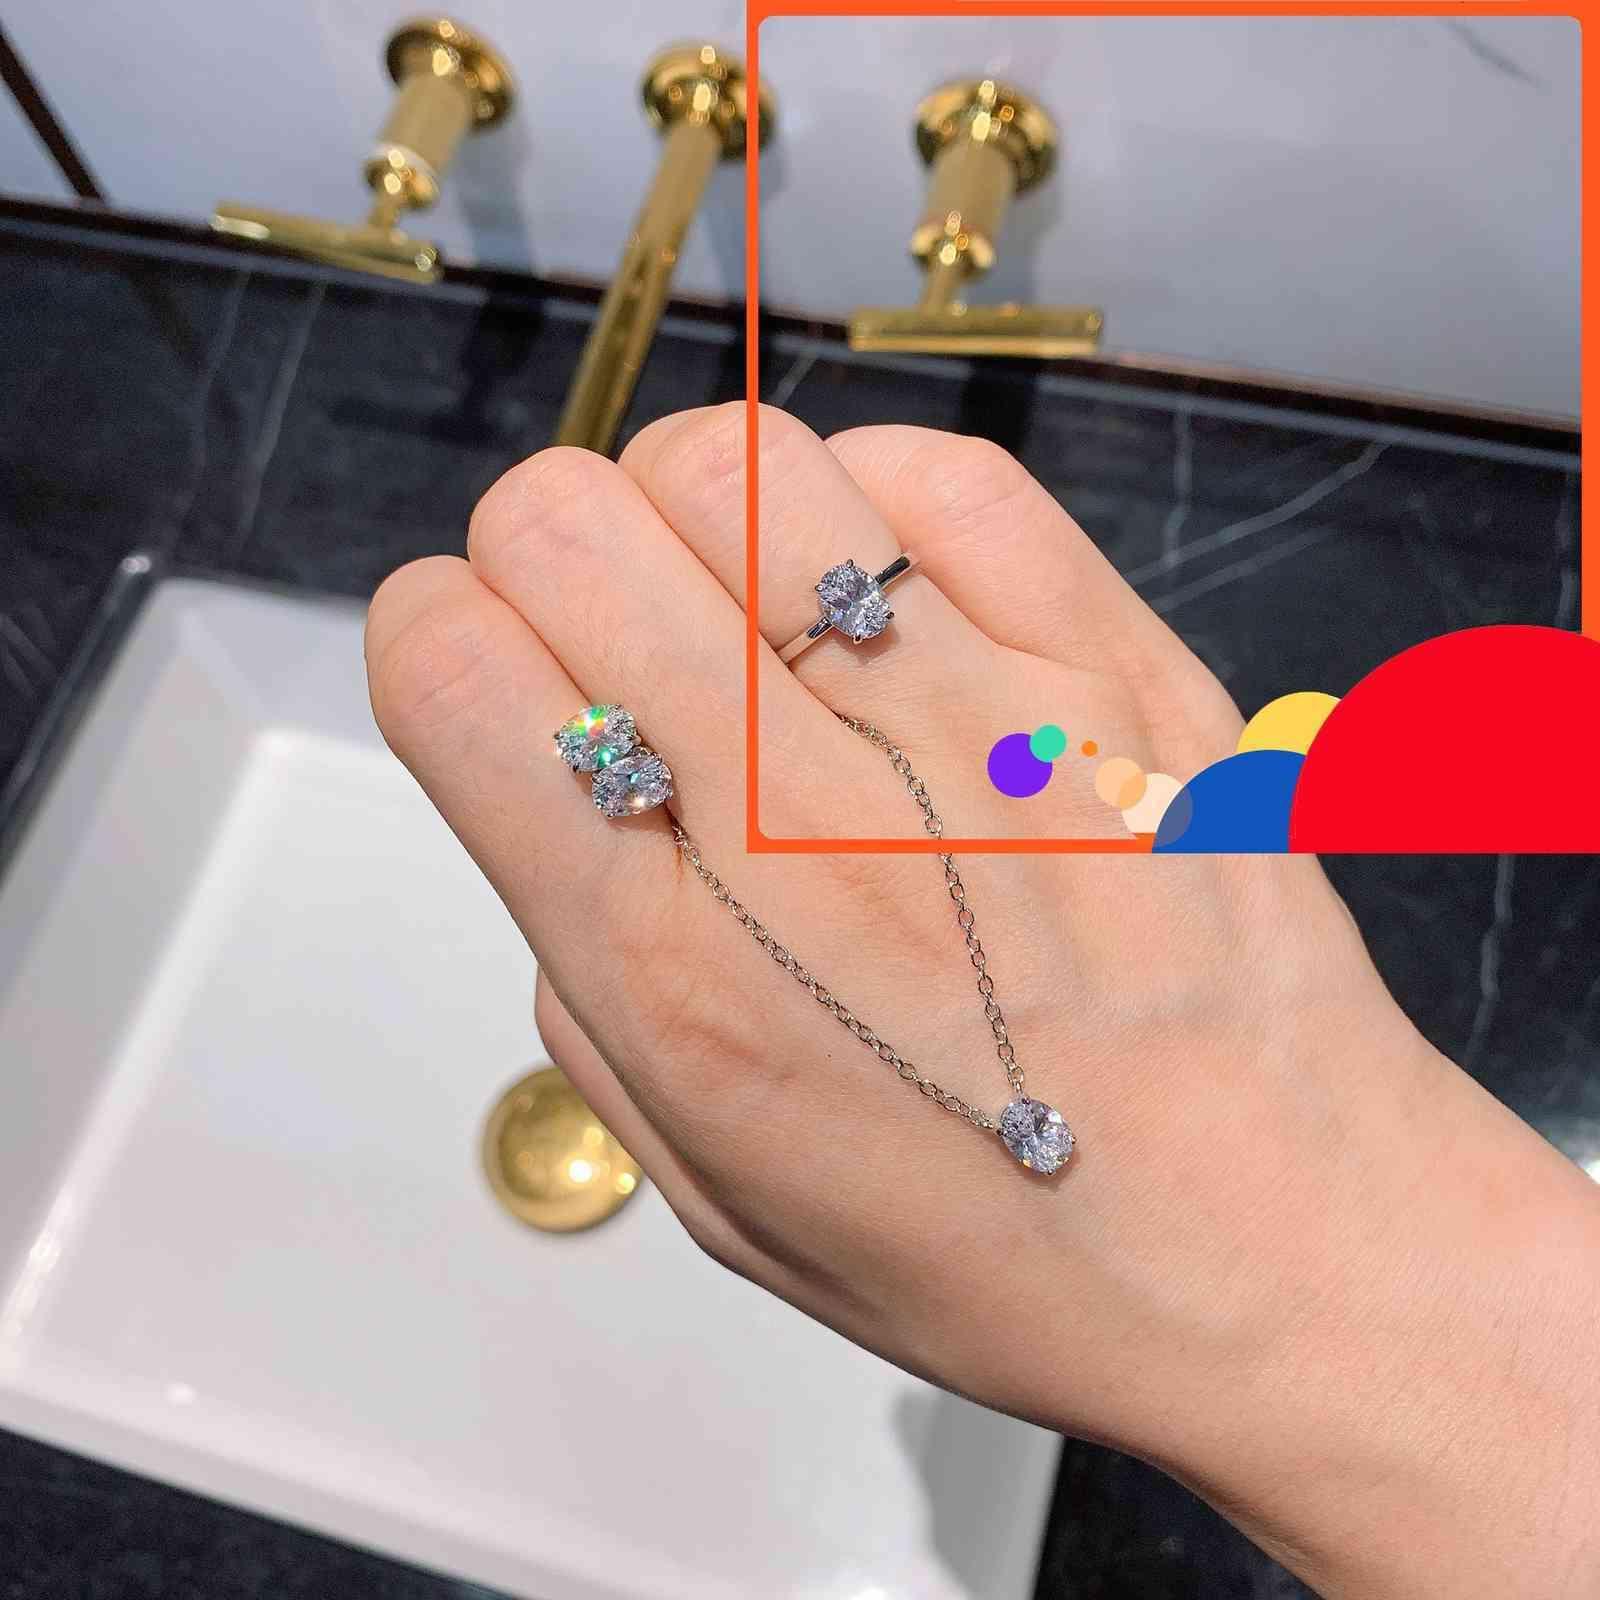 S925 Ago Silver Color Treasure Popolare Simulazione elevata Carbonio Simulazione Bianco Diamante Orecchini a Pendente